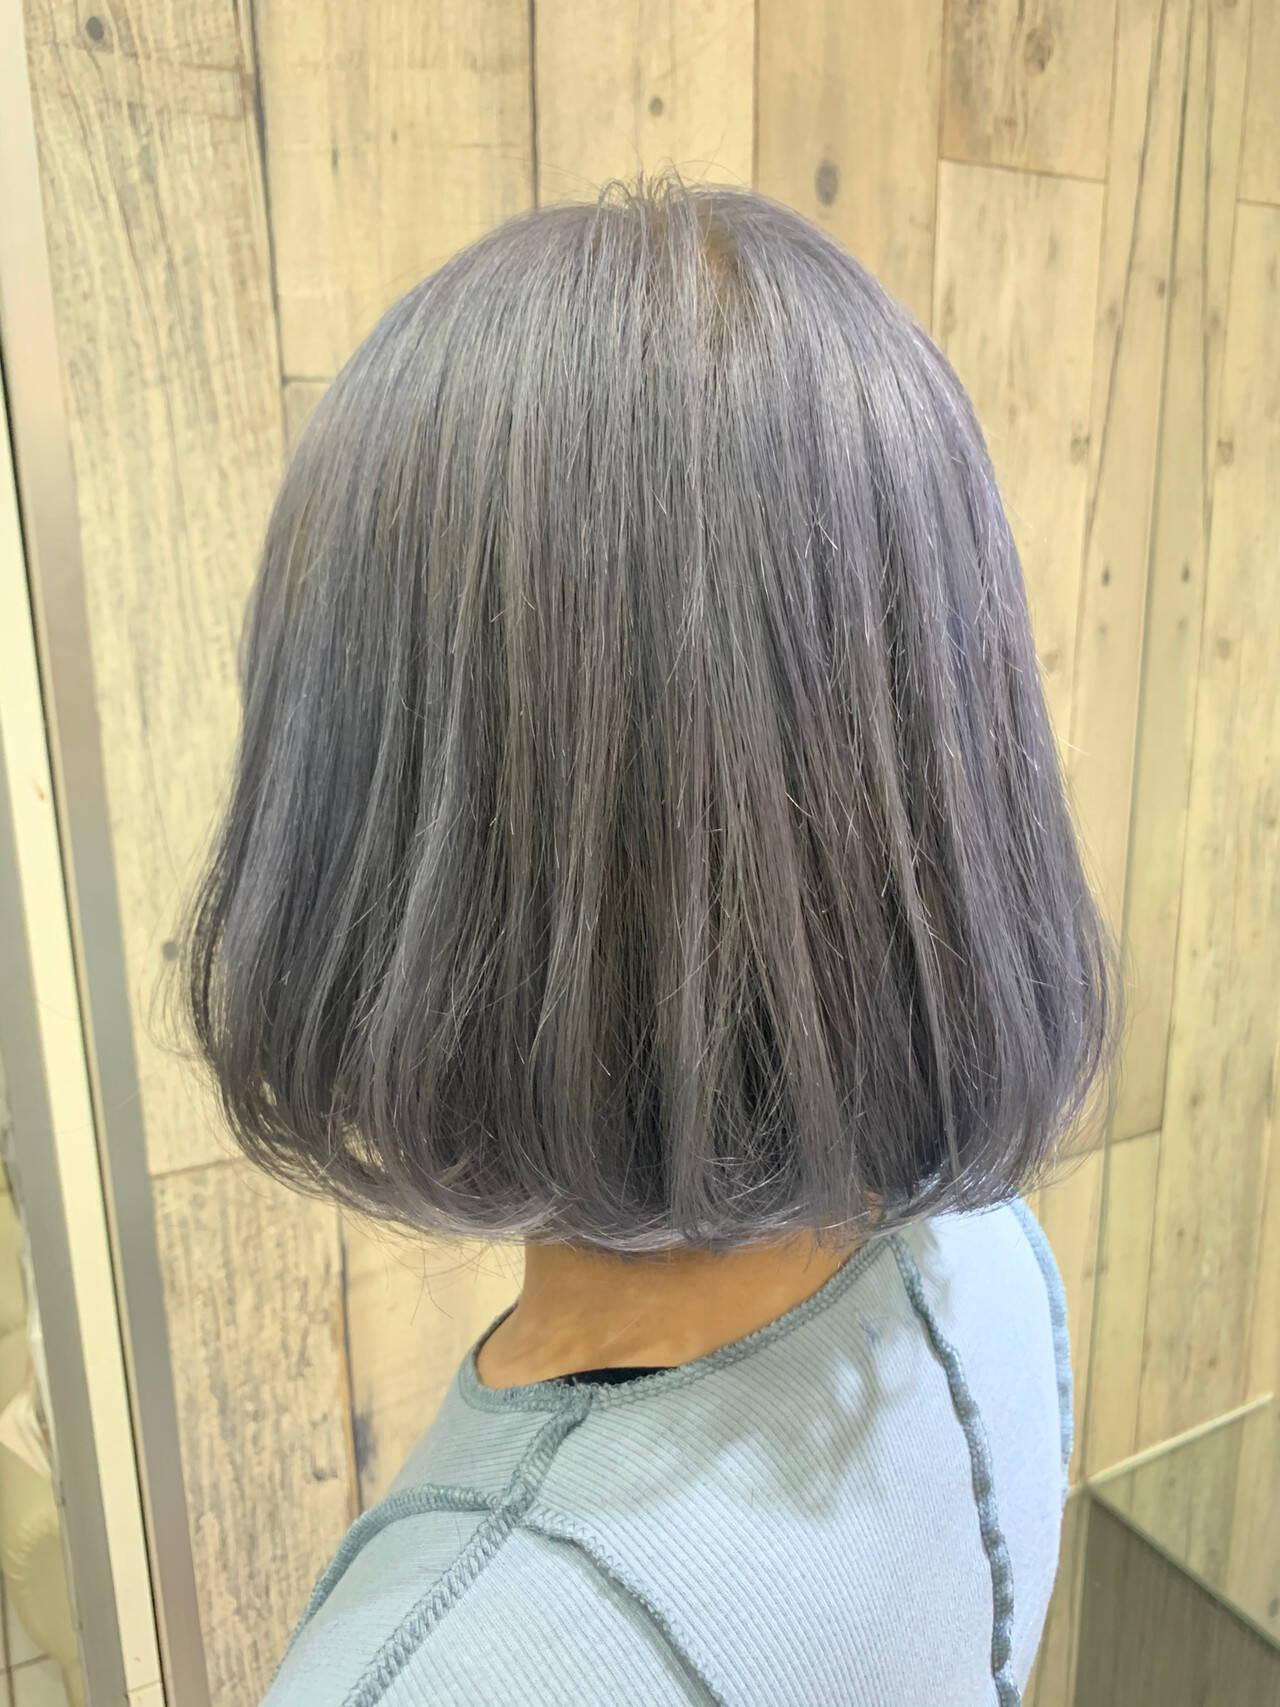 アンニュイほつれヘア ボブ アッシュベージュ ホワイトグレージュヘアスタイルや髪型の写真・画像